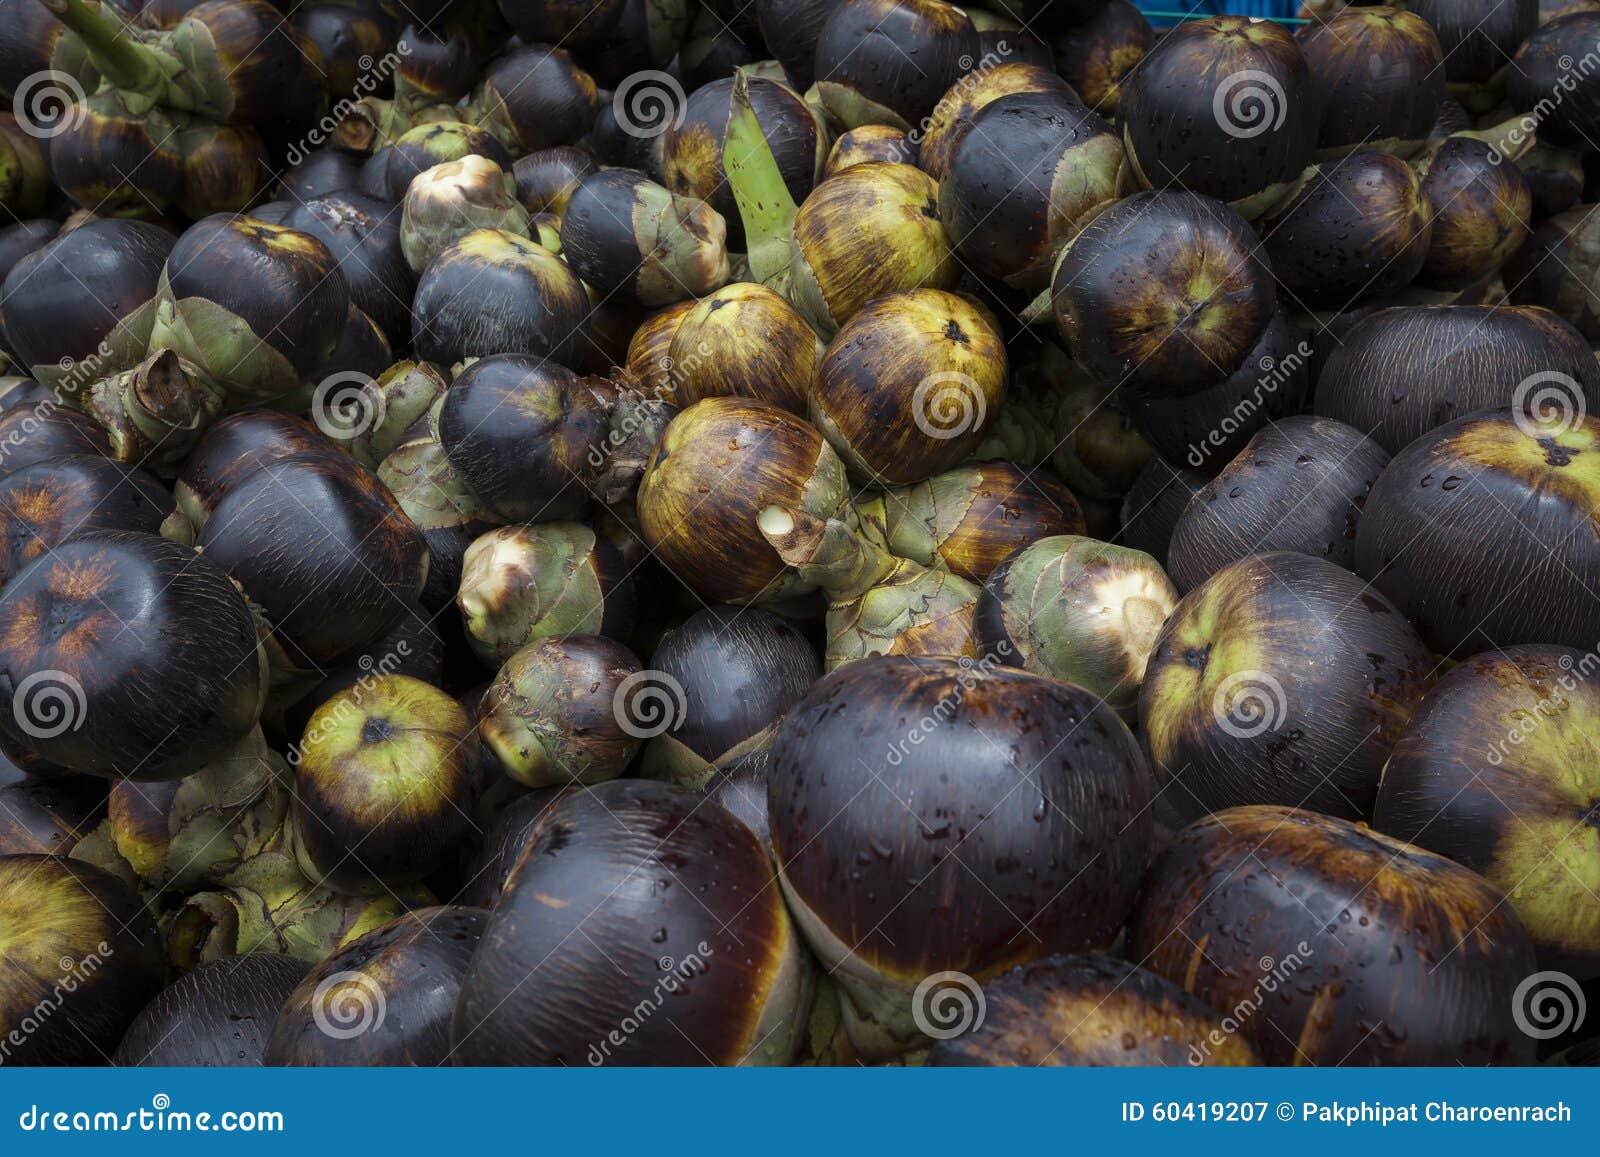 新鲜的扇叶树头榈棕榈或棕榈汁果子